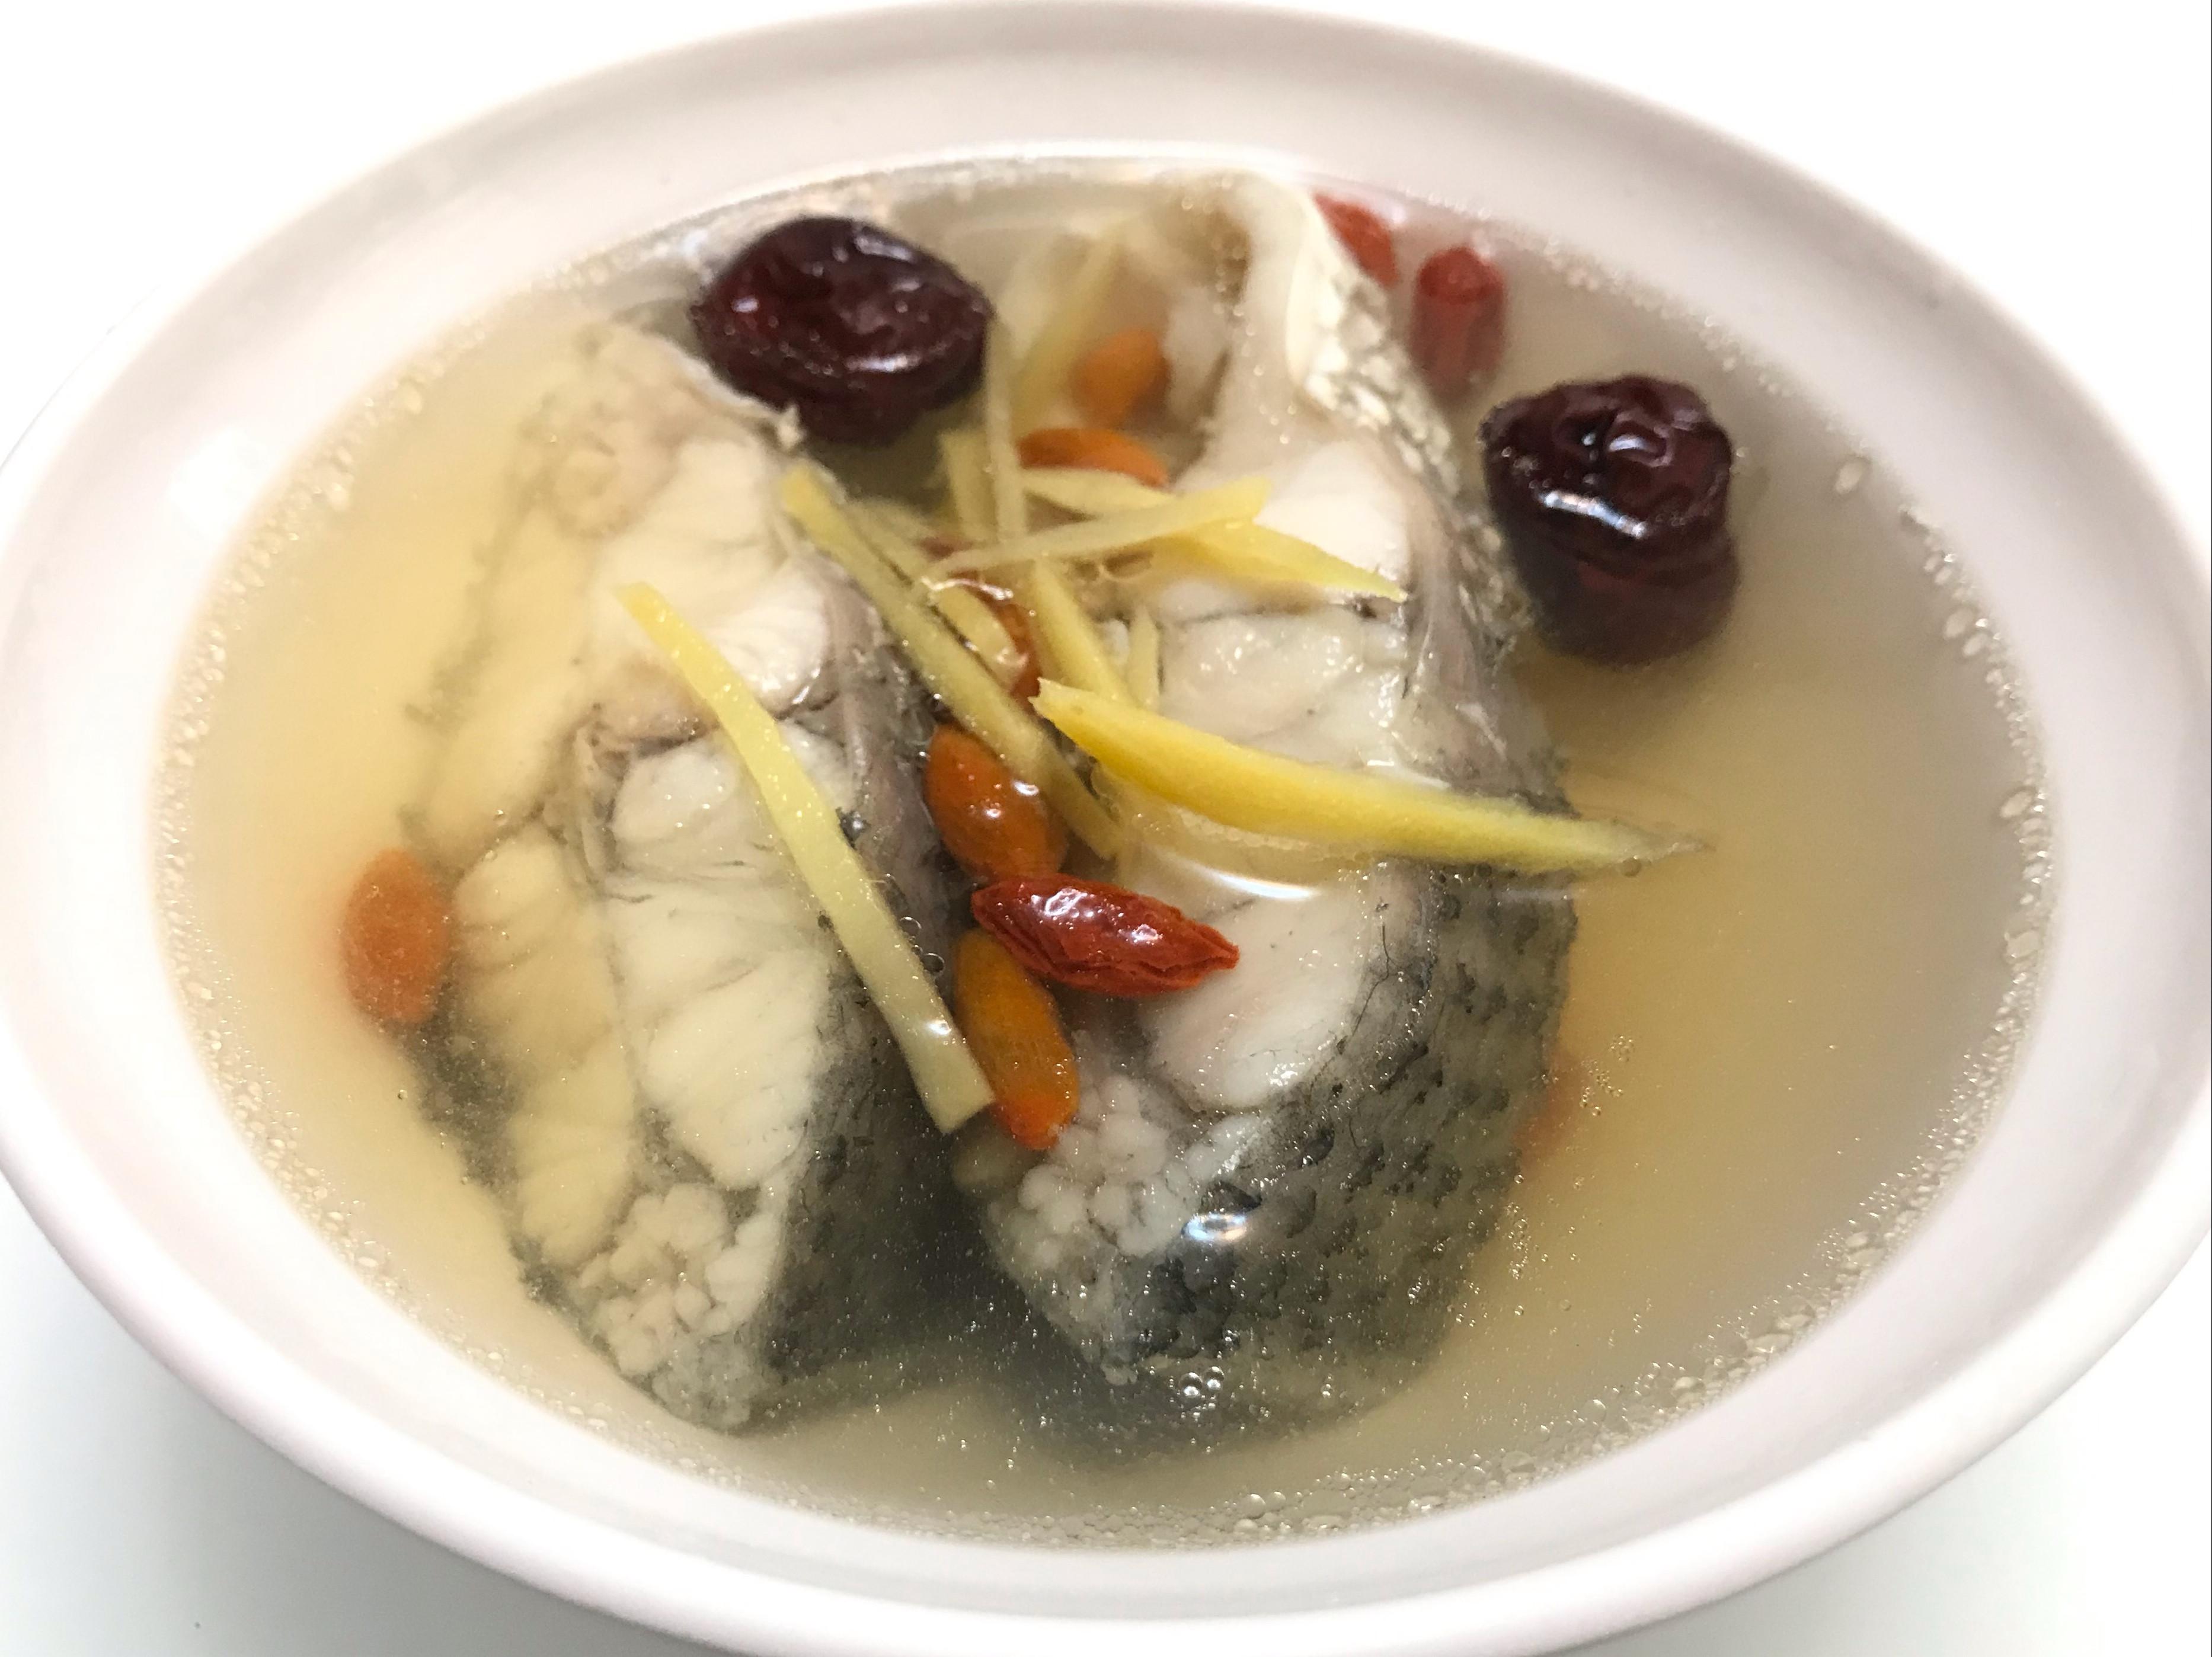 👩🏻🍳紅棗枸杞鱸魚湯-無酒料理